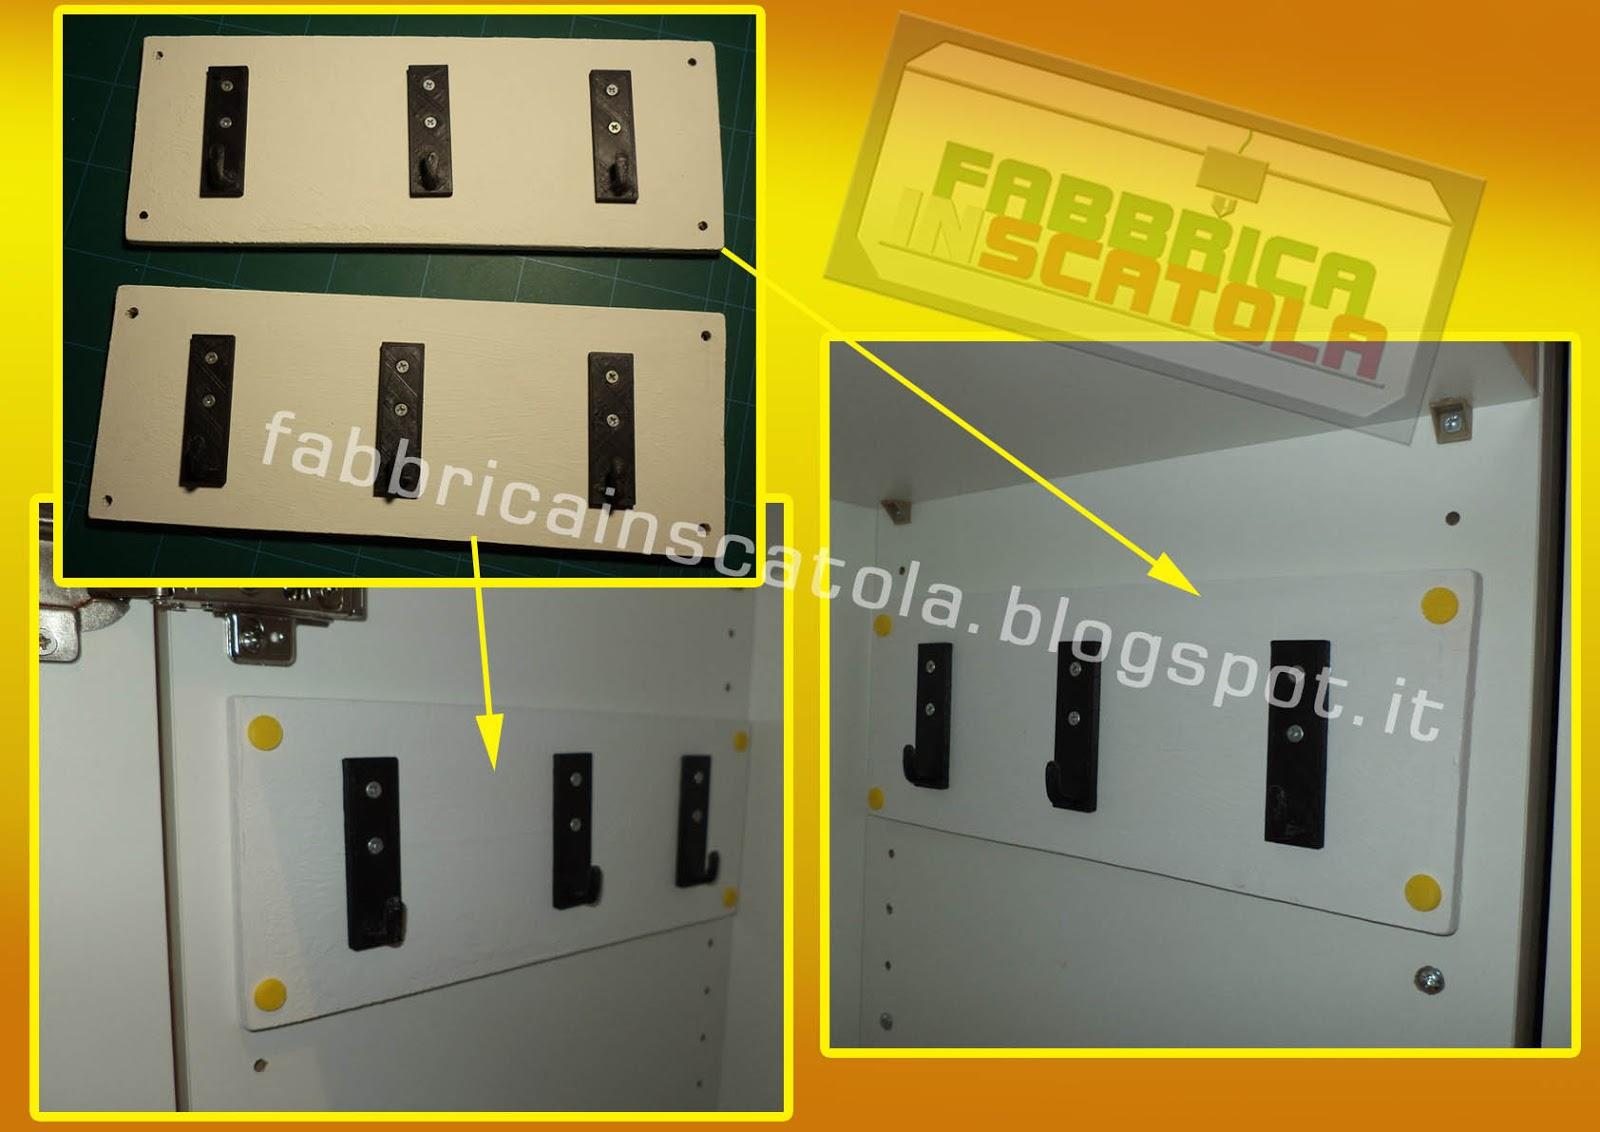 Fabbrica in scatola: Accessori e ricambi per arredamento